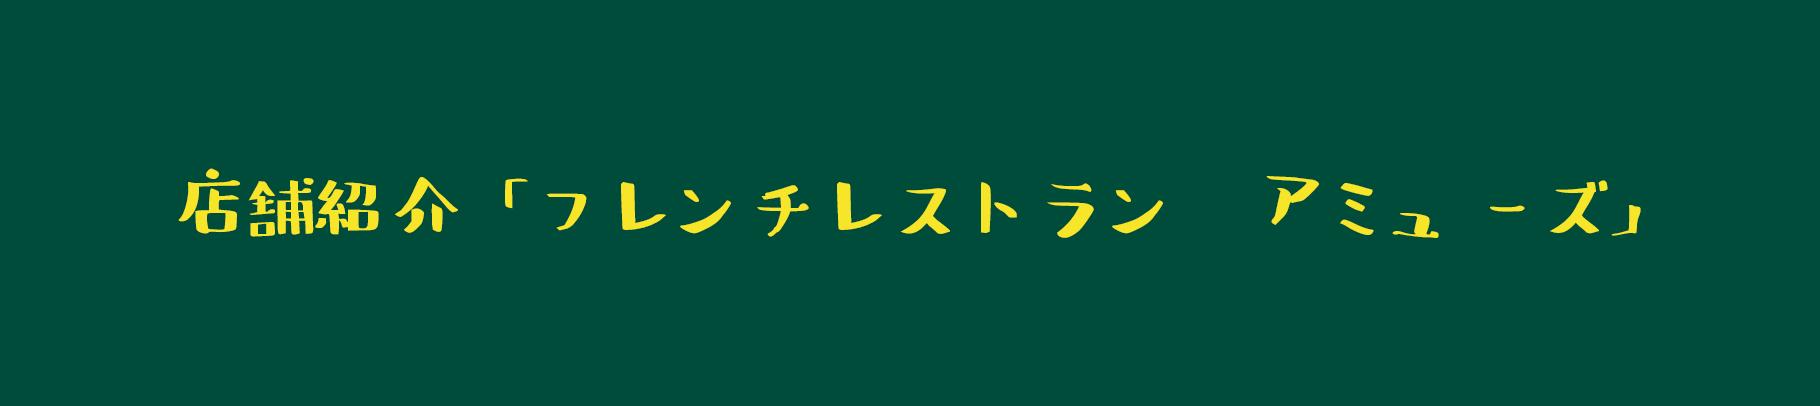 店舗紹介「フレンチレストラン アミューズ」